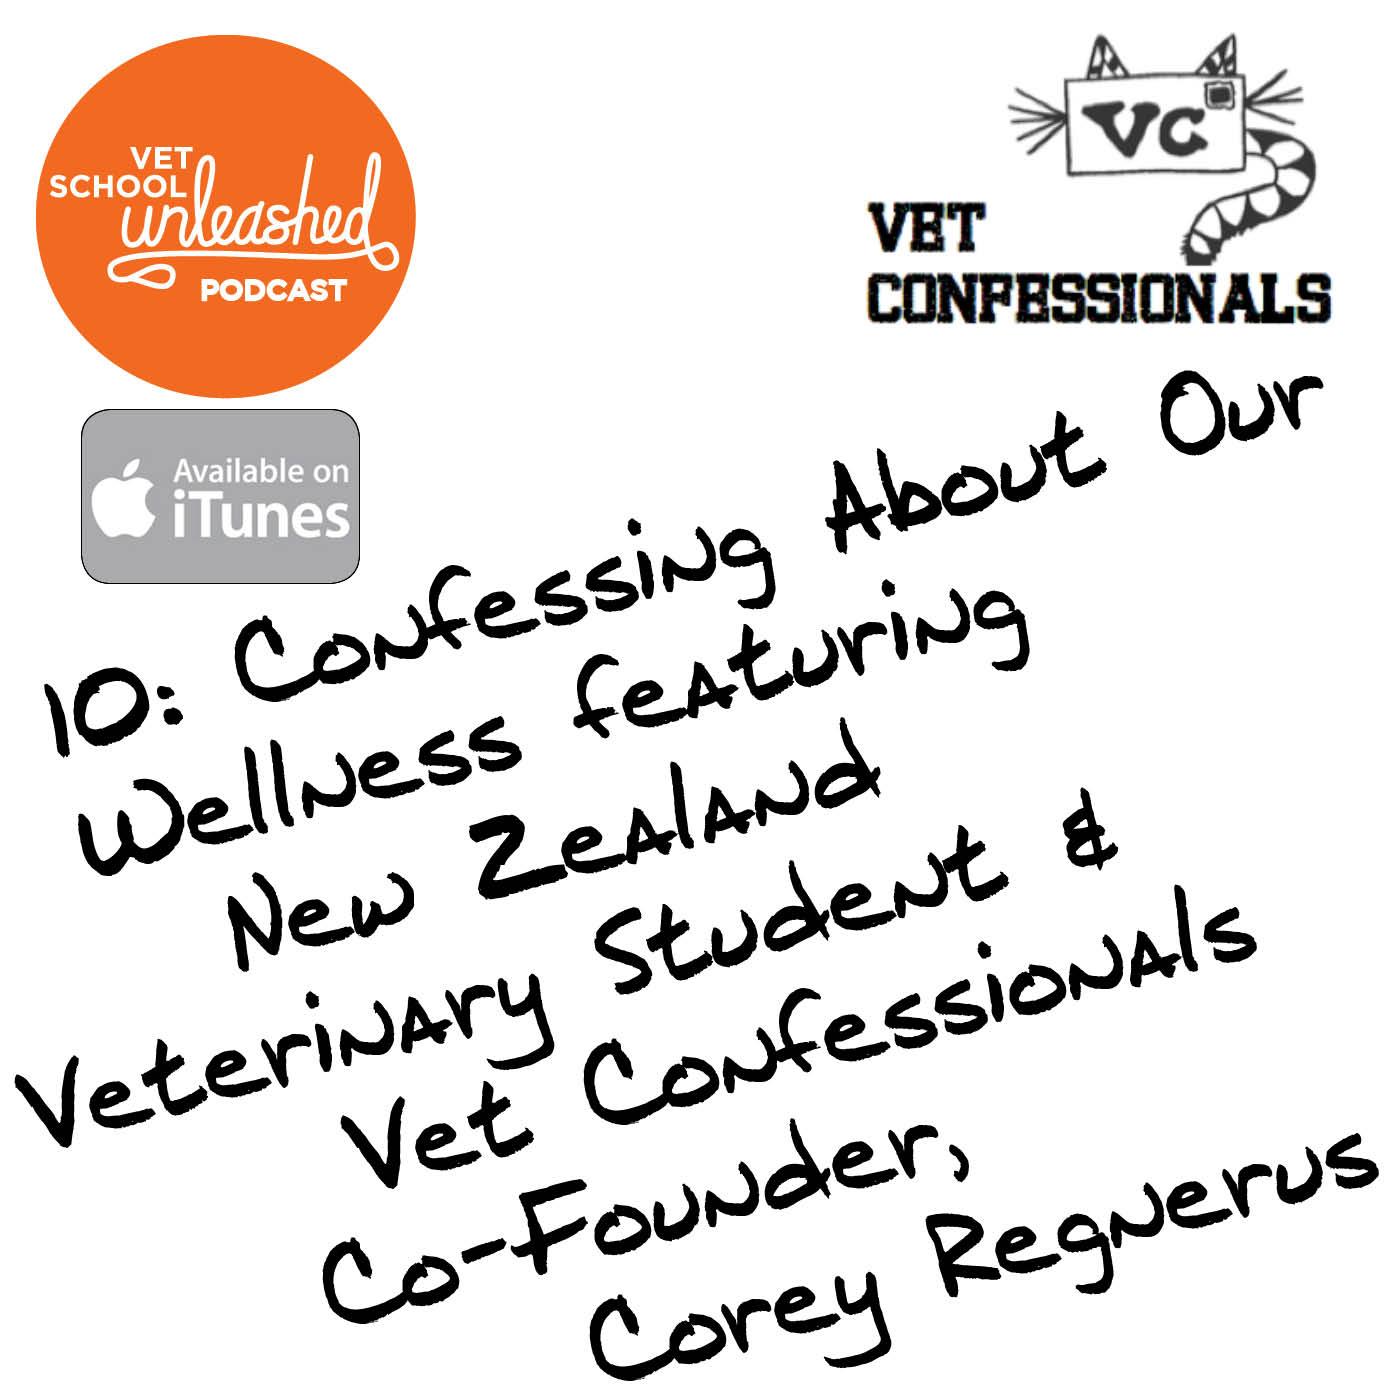 ep-10-vet_confessionals_corey_regnerus_instagram